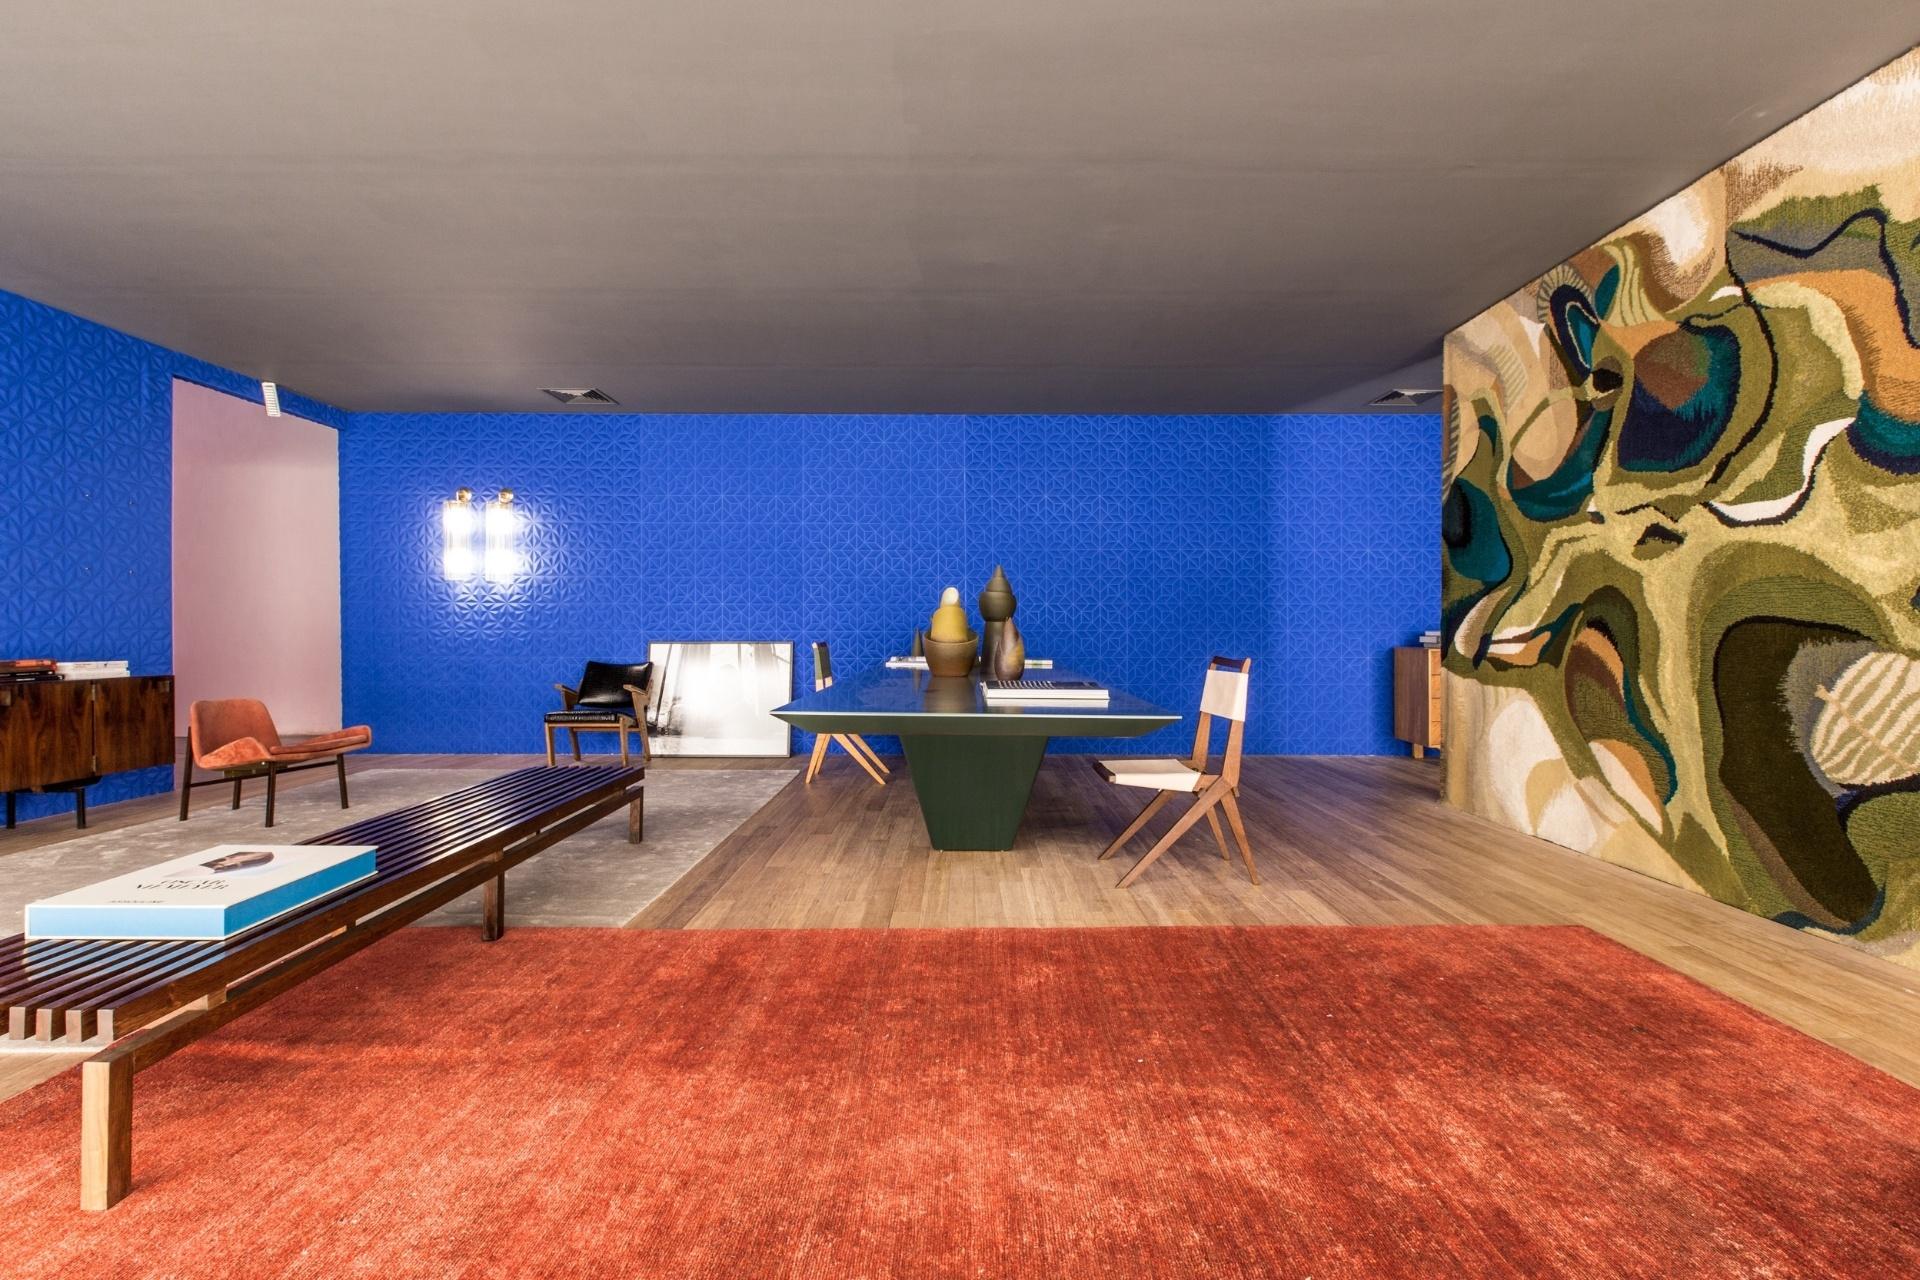 O arquiteto Guilherme Torres se inspirou na Oca e na época em que o edifício foi construído (1954) para compor o seu ambiente. A paleta de cores foi definida a partir das tonalidades da tapeçaria assinada pelo designer Jean Gillon, que cobre um das paredes (à dir.). A Mostra Black fica em cartaz até dia 21 de junho de 2015, na Oca - pavilhão Lucas Nogueira Garcez, no Parque Ibirapuera, em São Paulo (SP)